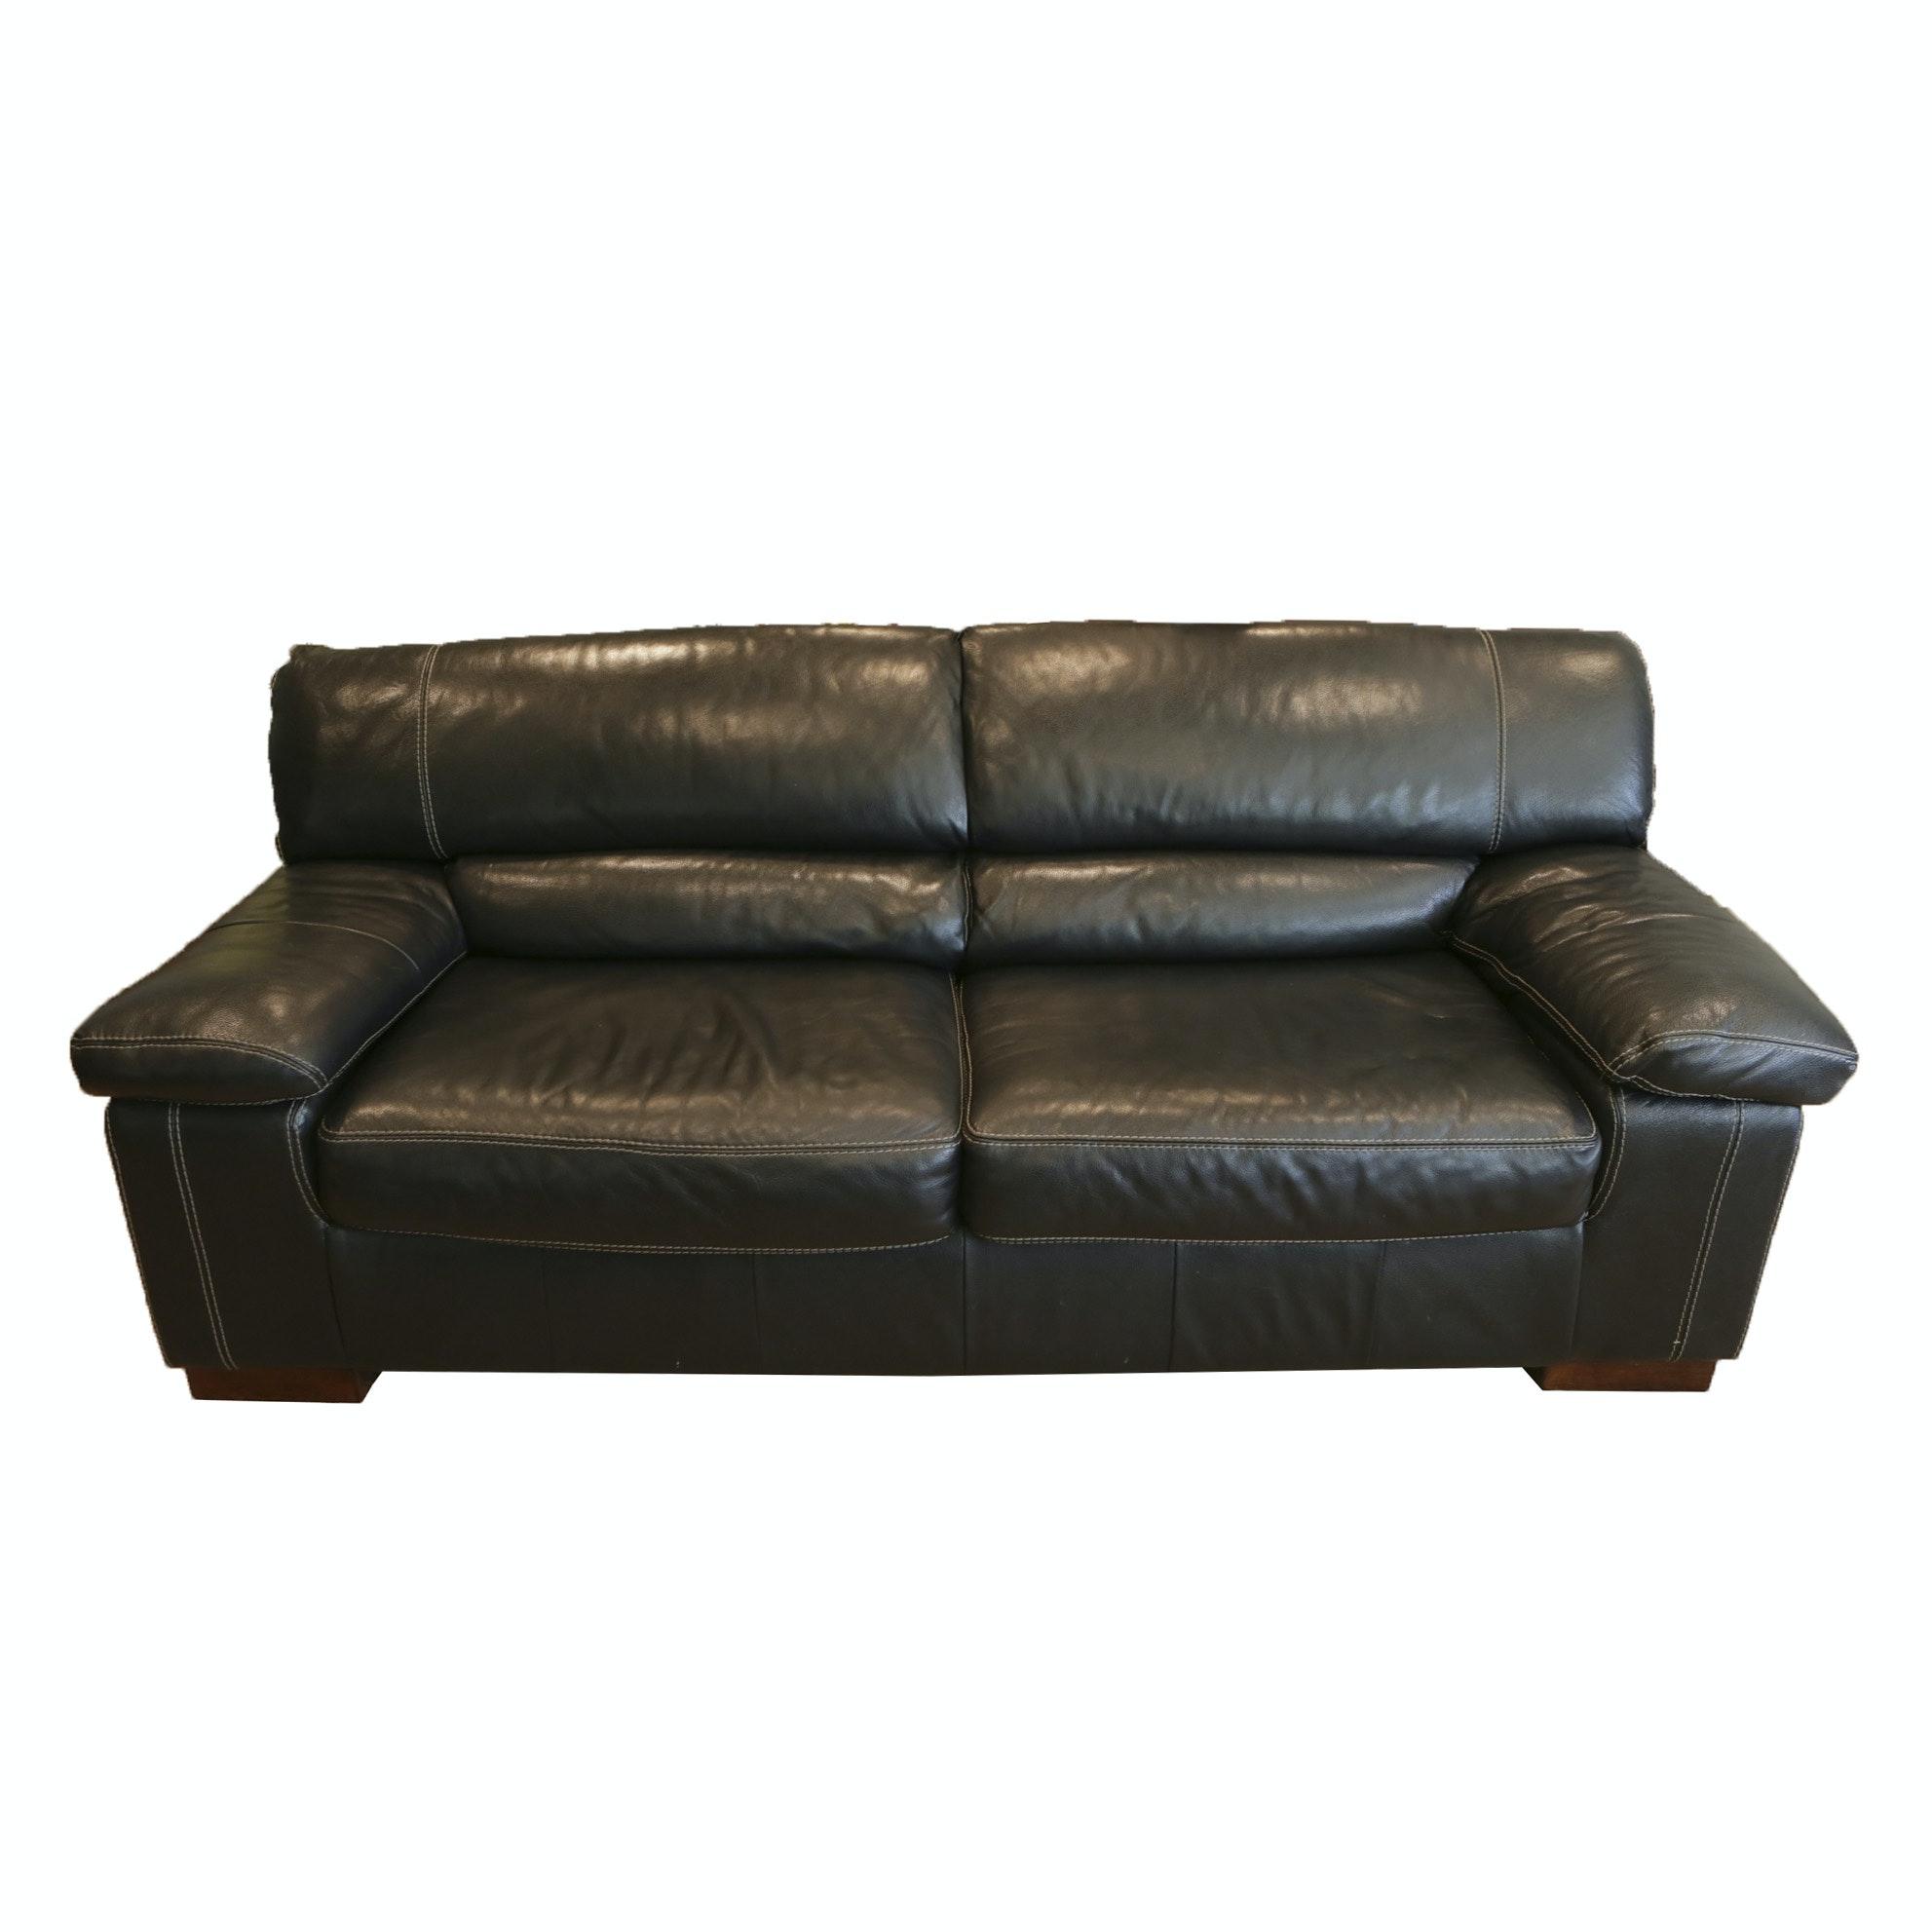 Leather Two Cushion Sofa